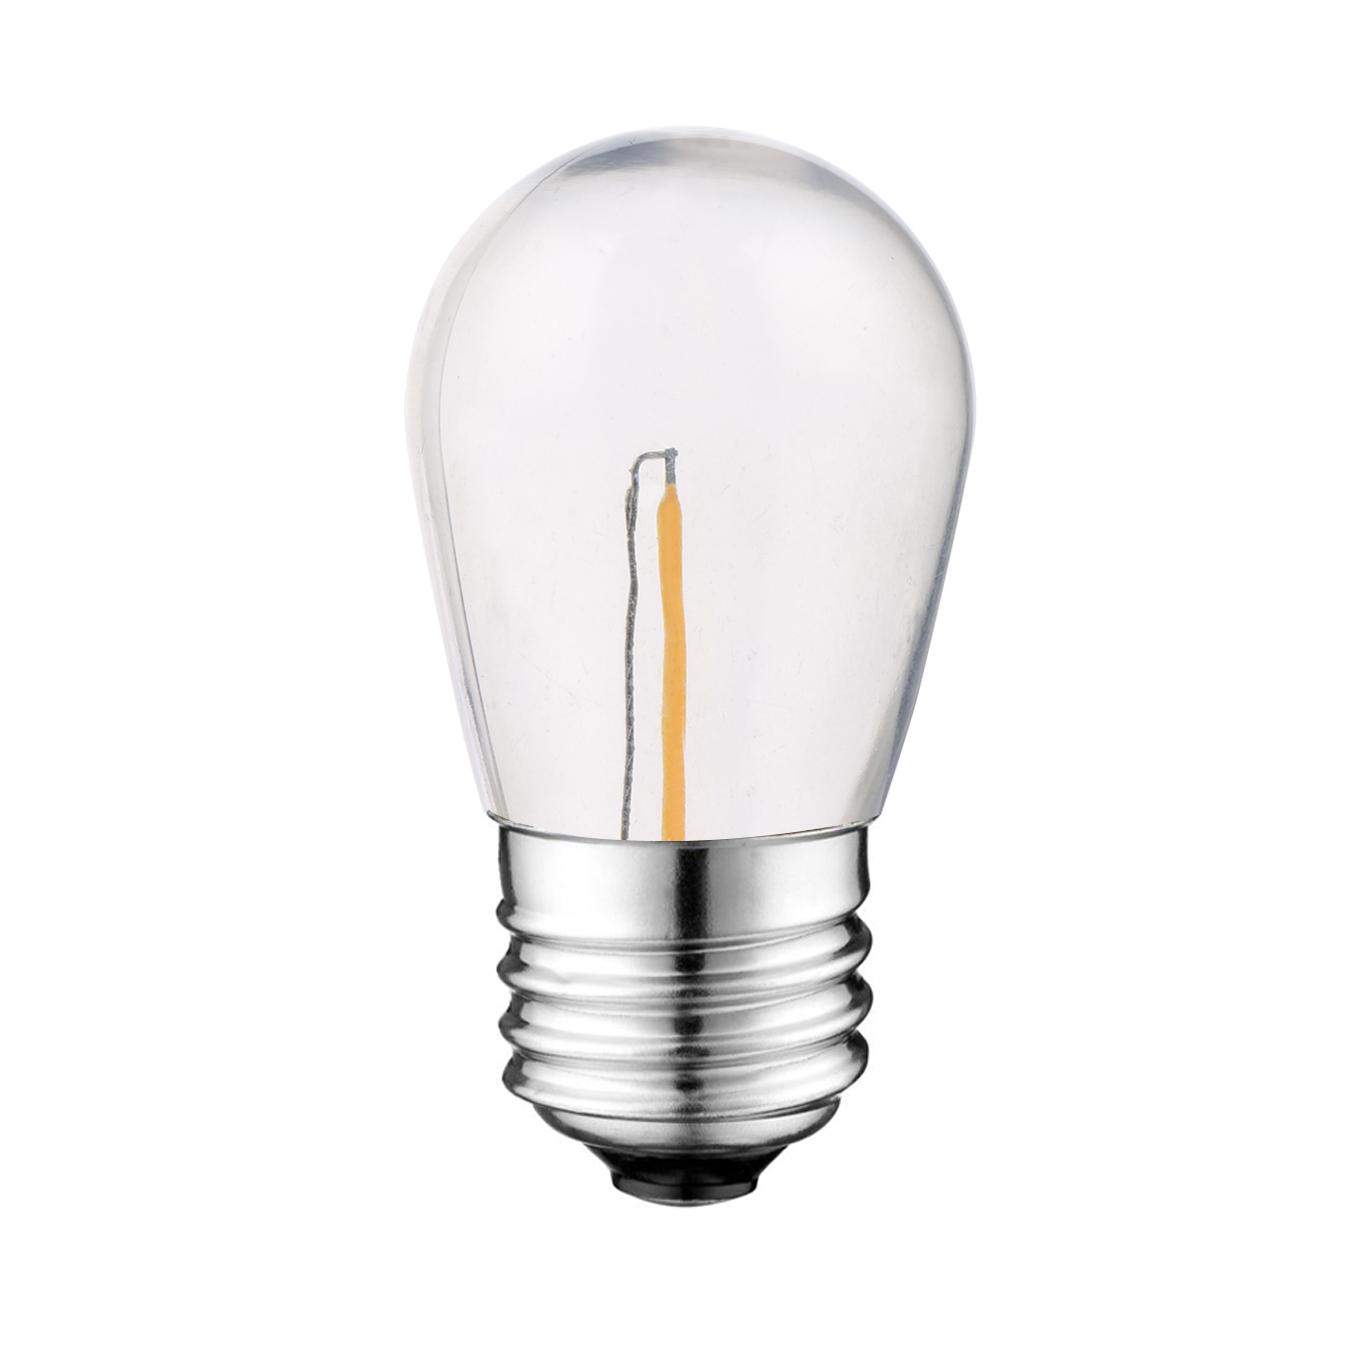 UL LED S14 String patio bulb